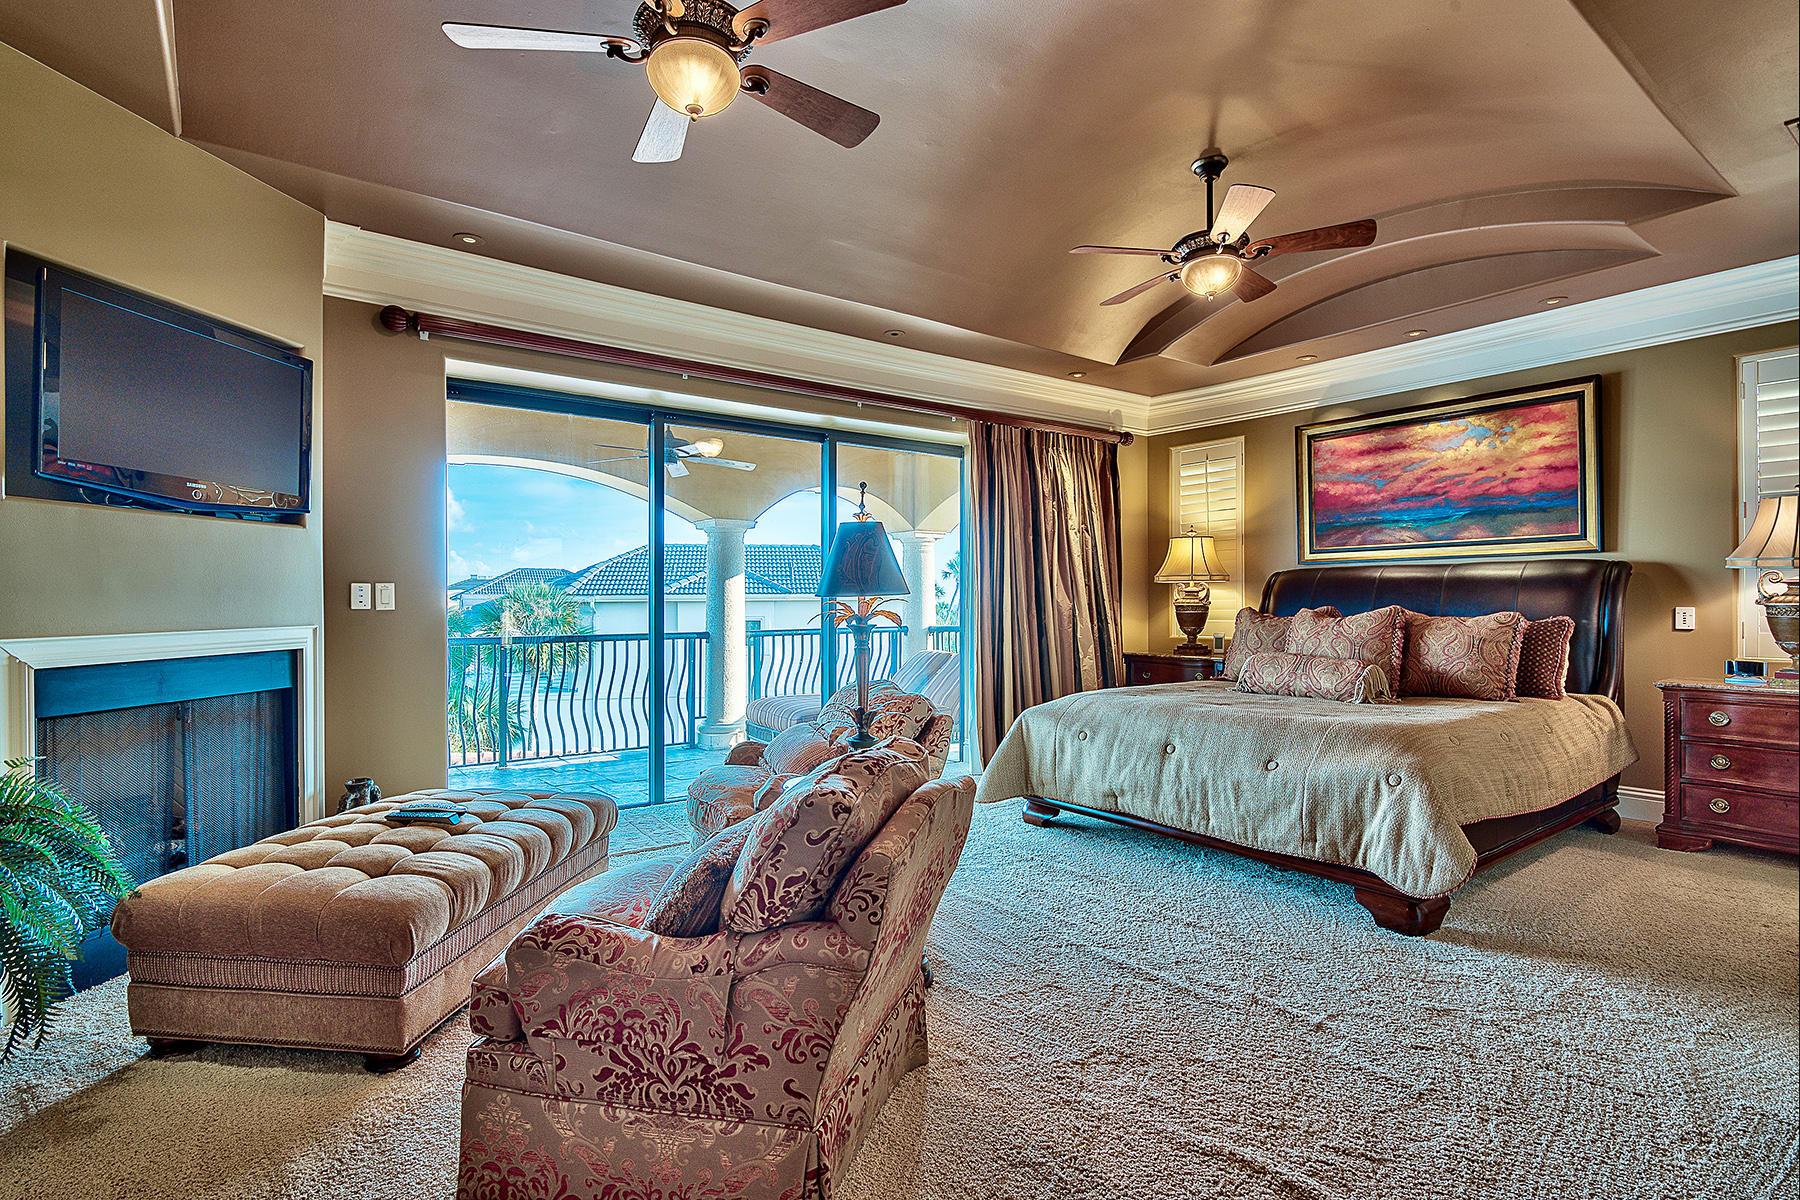 一戸建て のために 売買 アット LUXURIOUS LAKEFRONT LIFESTYLE WITH GULF VIEWS 71 Vista Bluffs Destin, フロリダ 32541 アメリカ合衆国